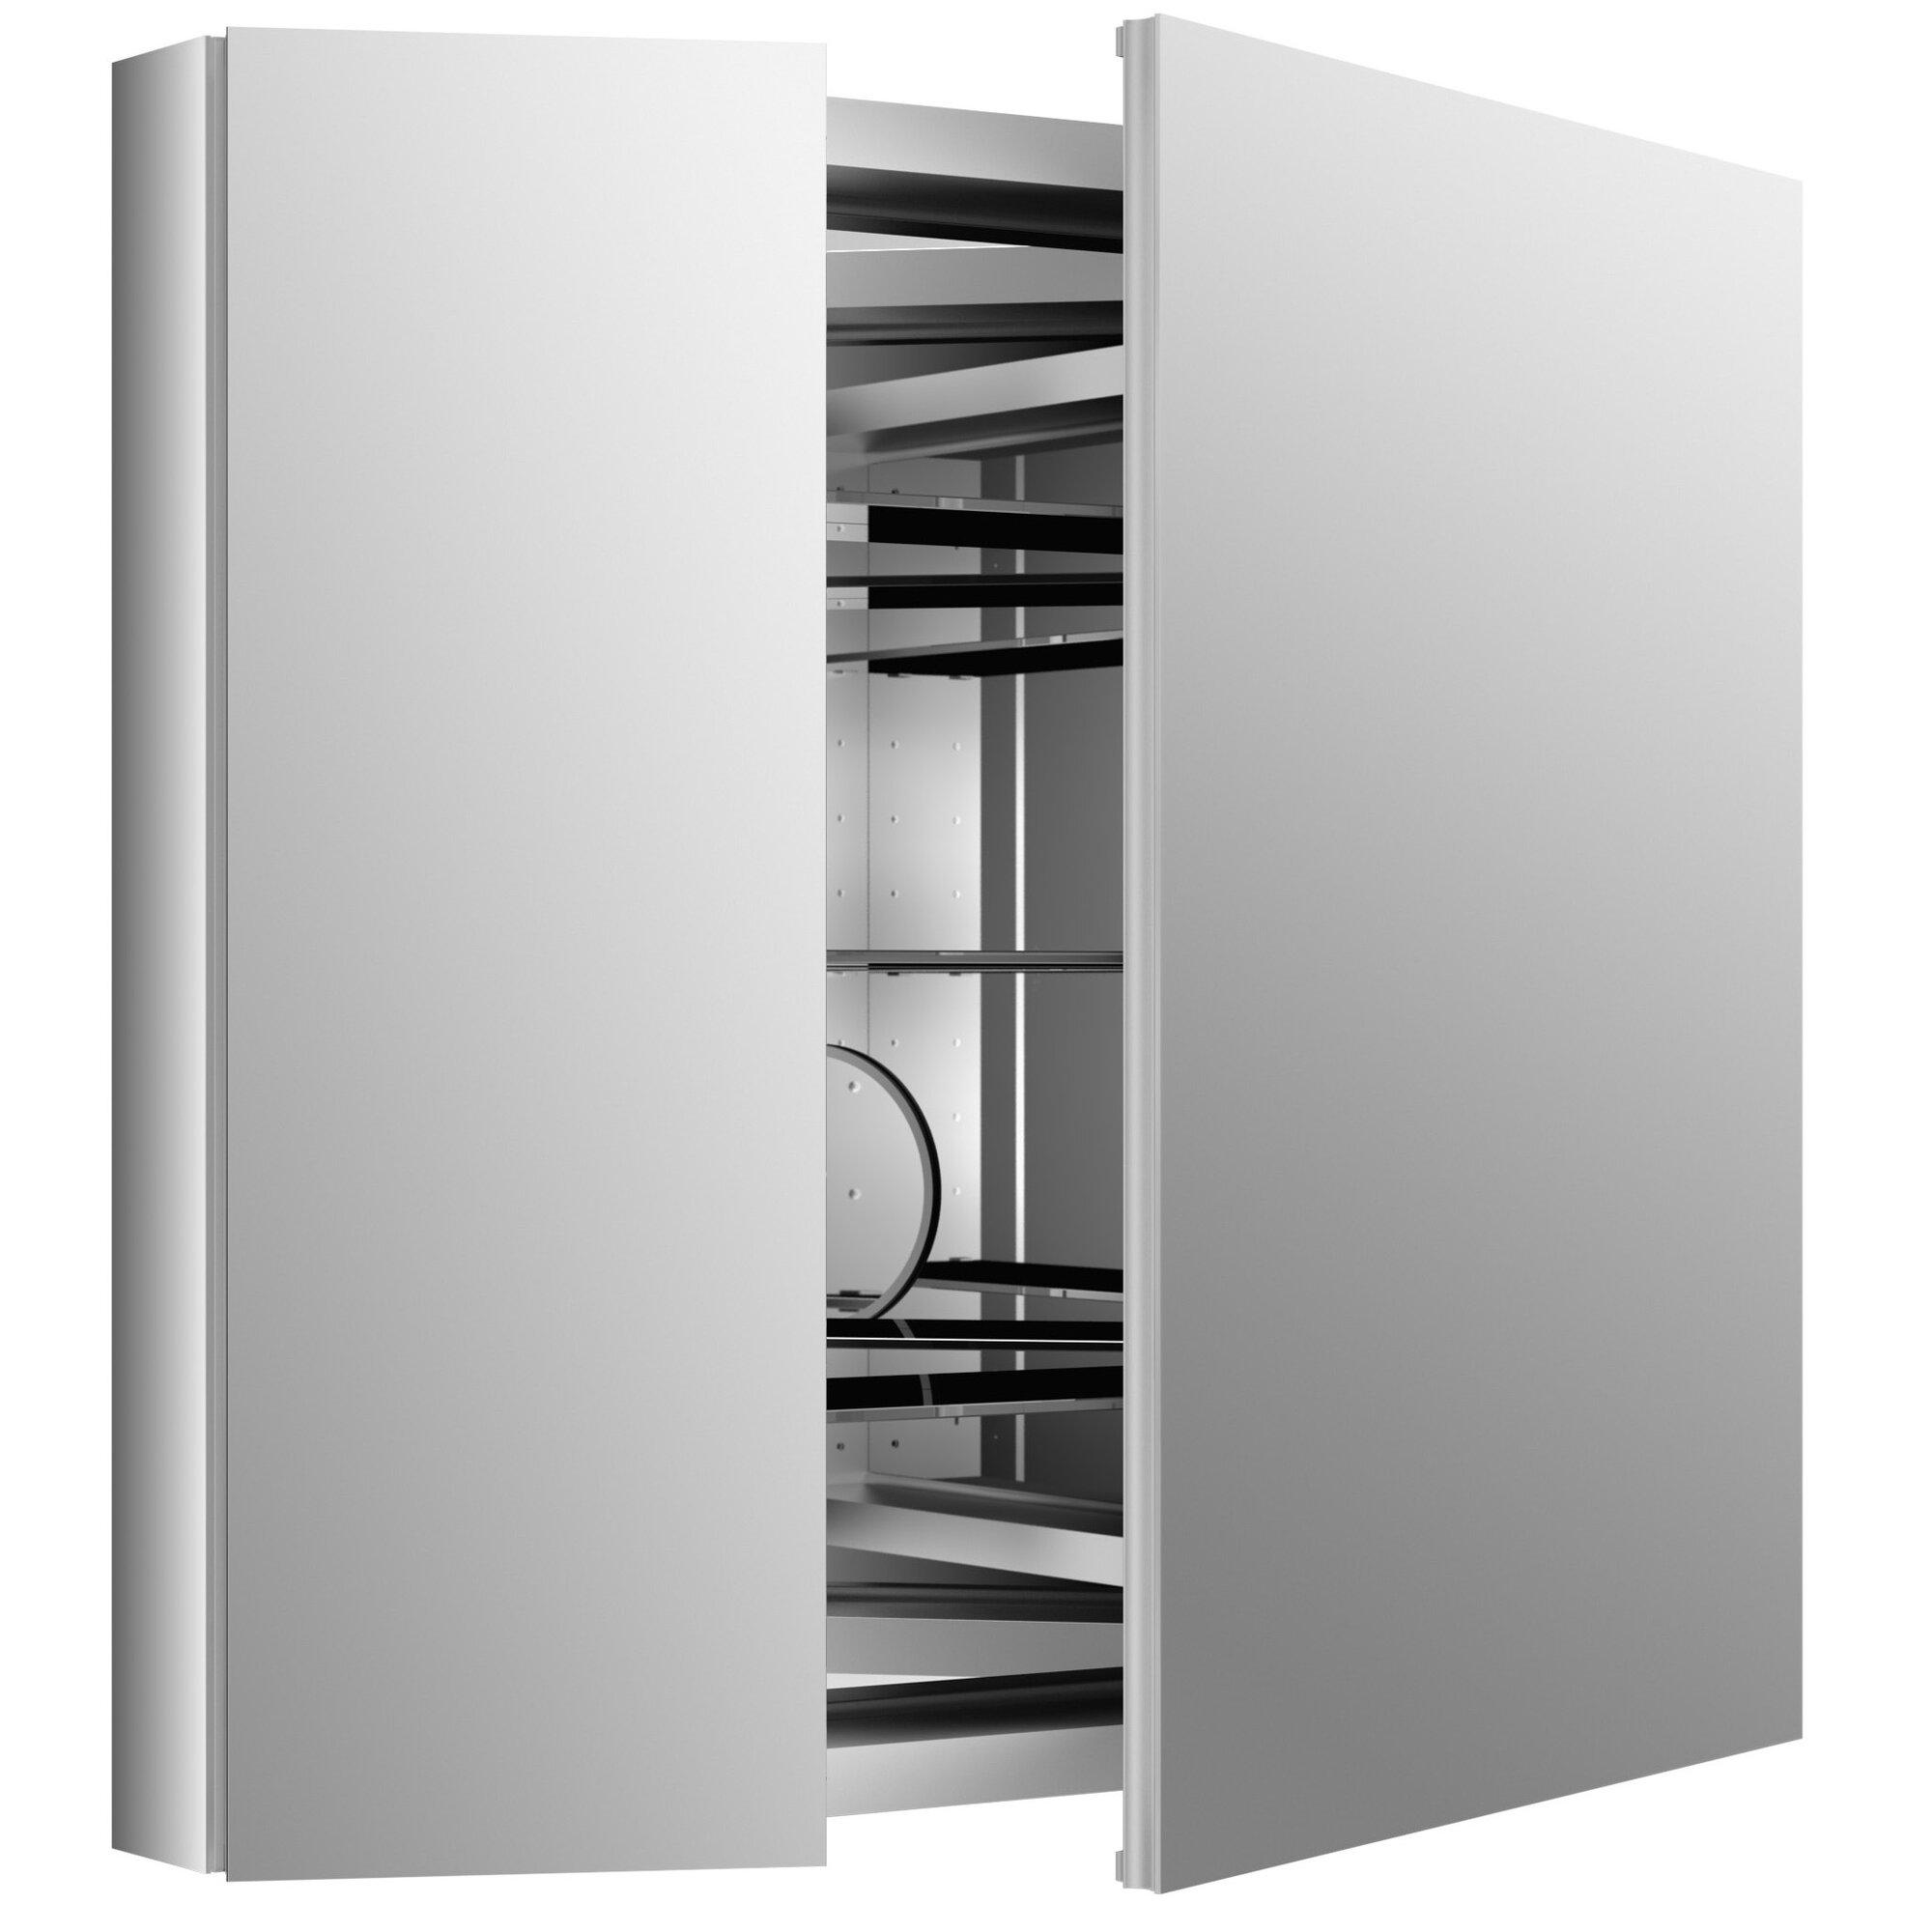 Kohler Verdera 34 Quot W X 30 Quot H Aluminum Medicine Cabinet